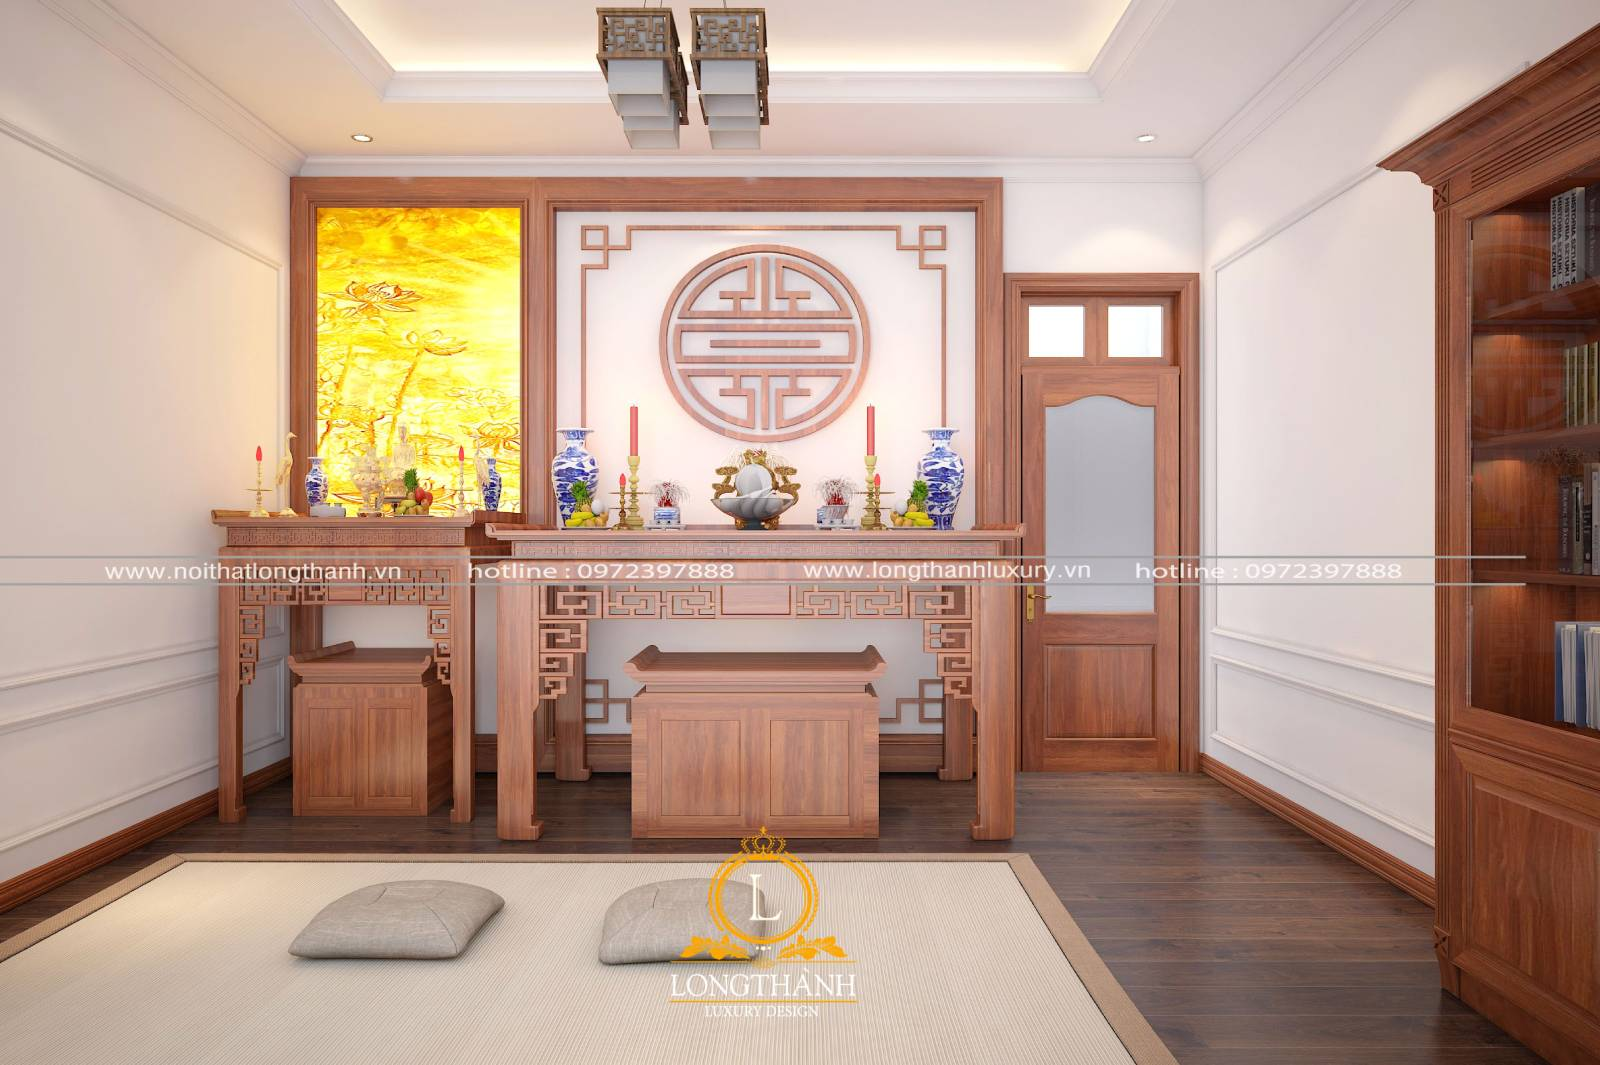 Thiết kế phòng thờ đơn giản phong cách tân cổ điển cho nhà biệt thự